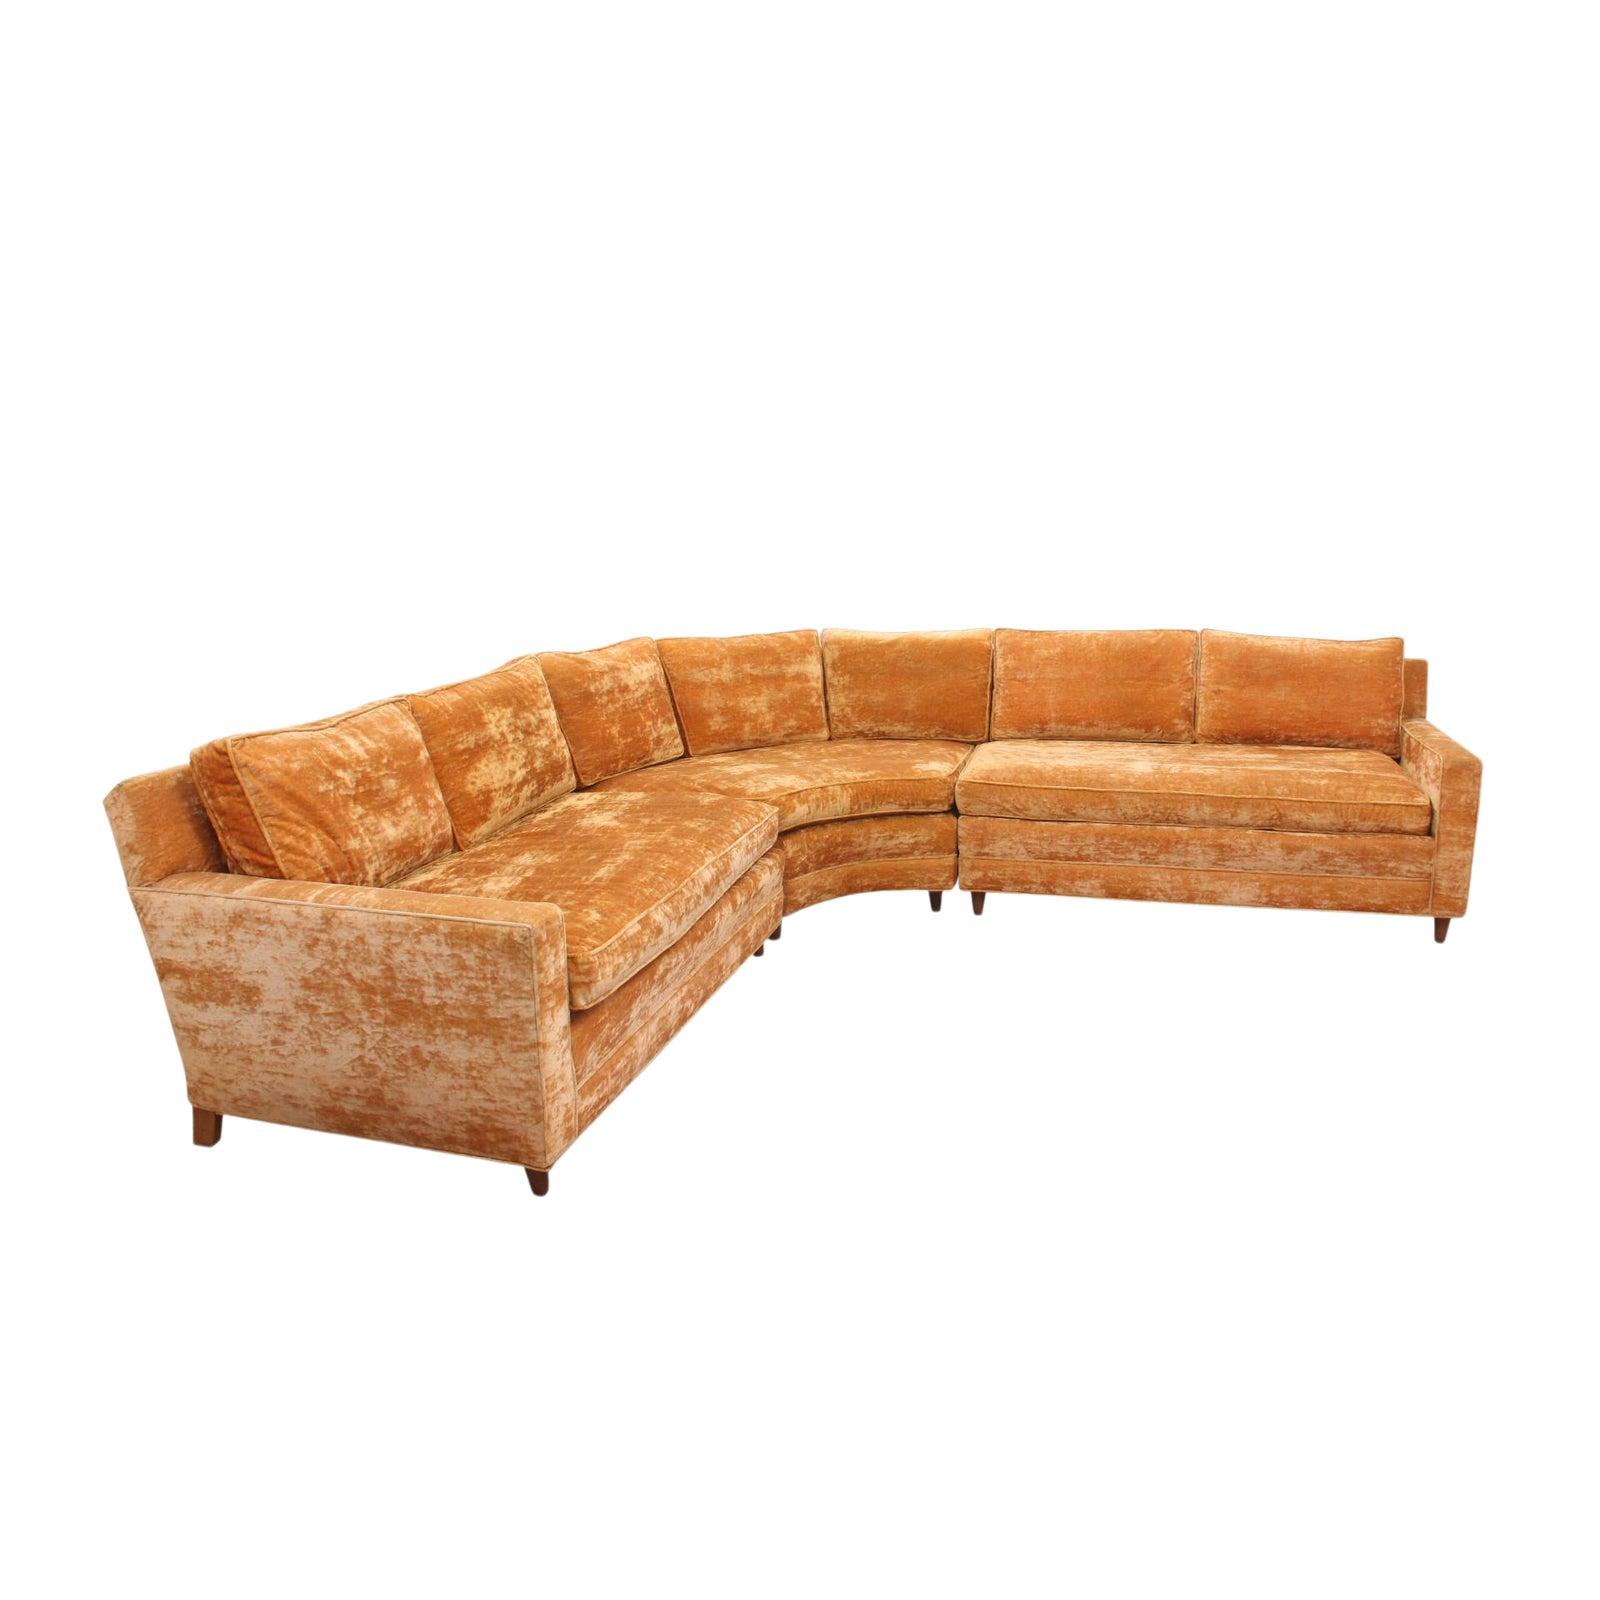 Mid Century 3-Piece Sectional Sofa in Orange Velvet